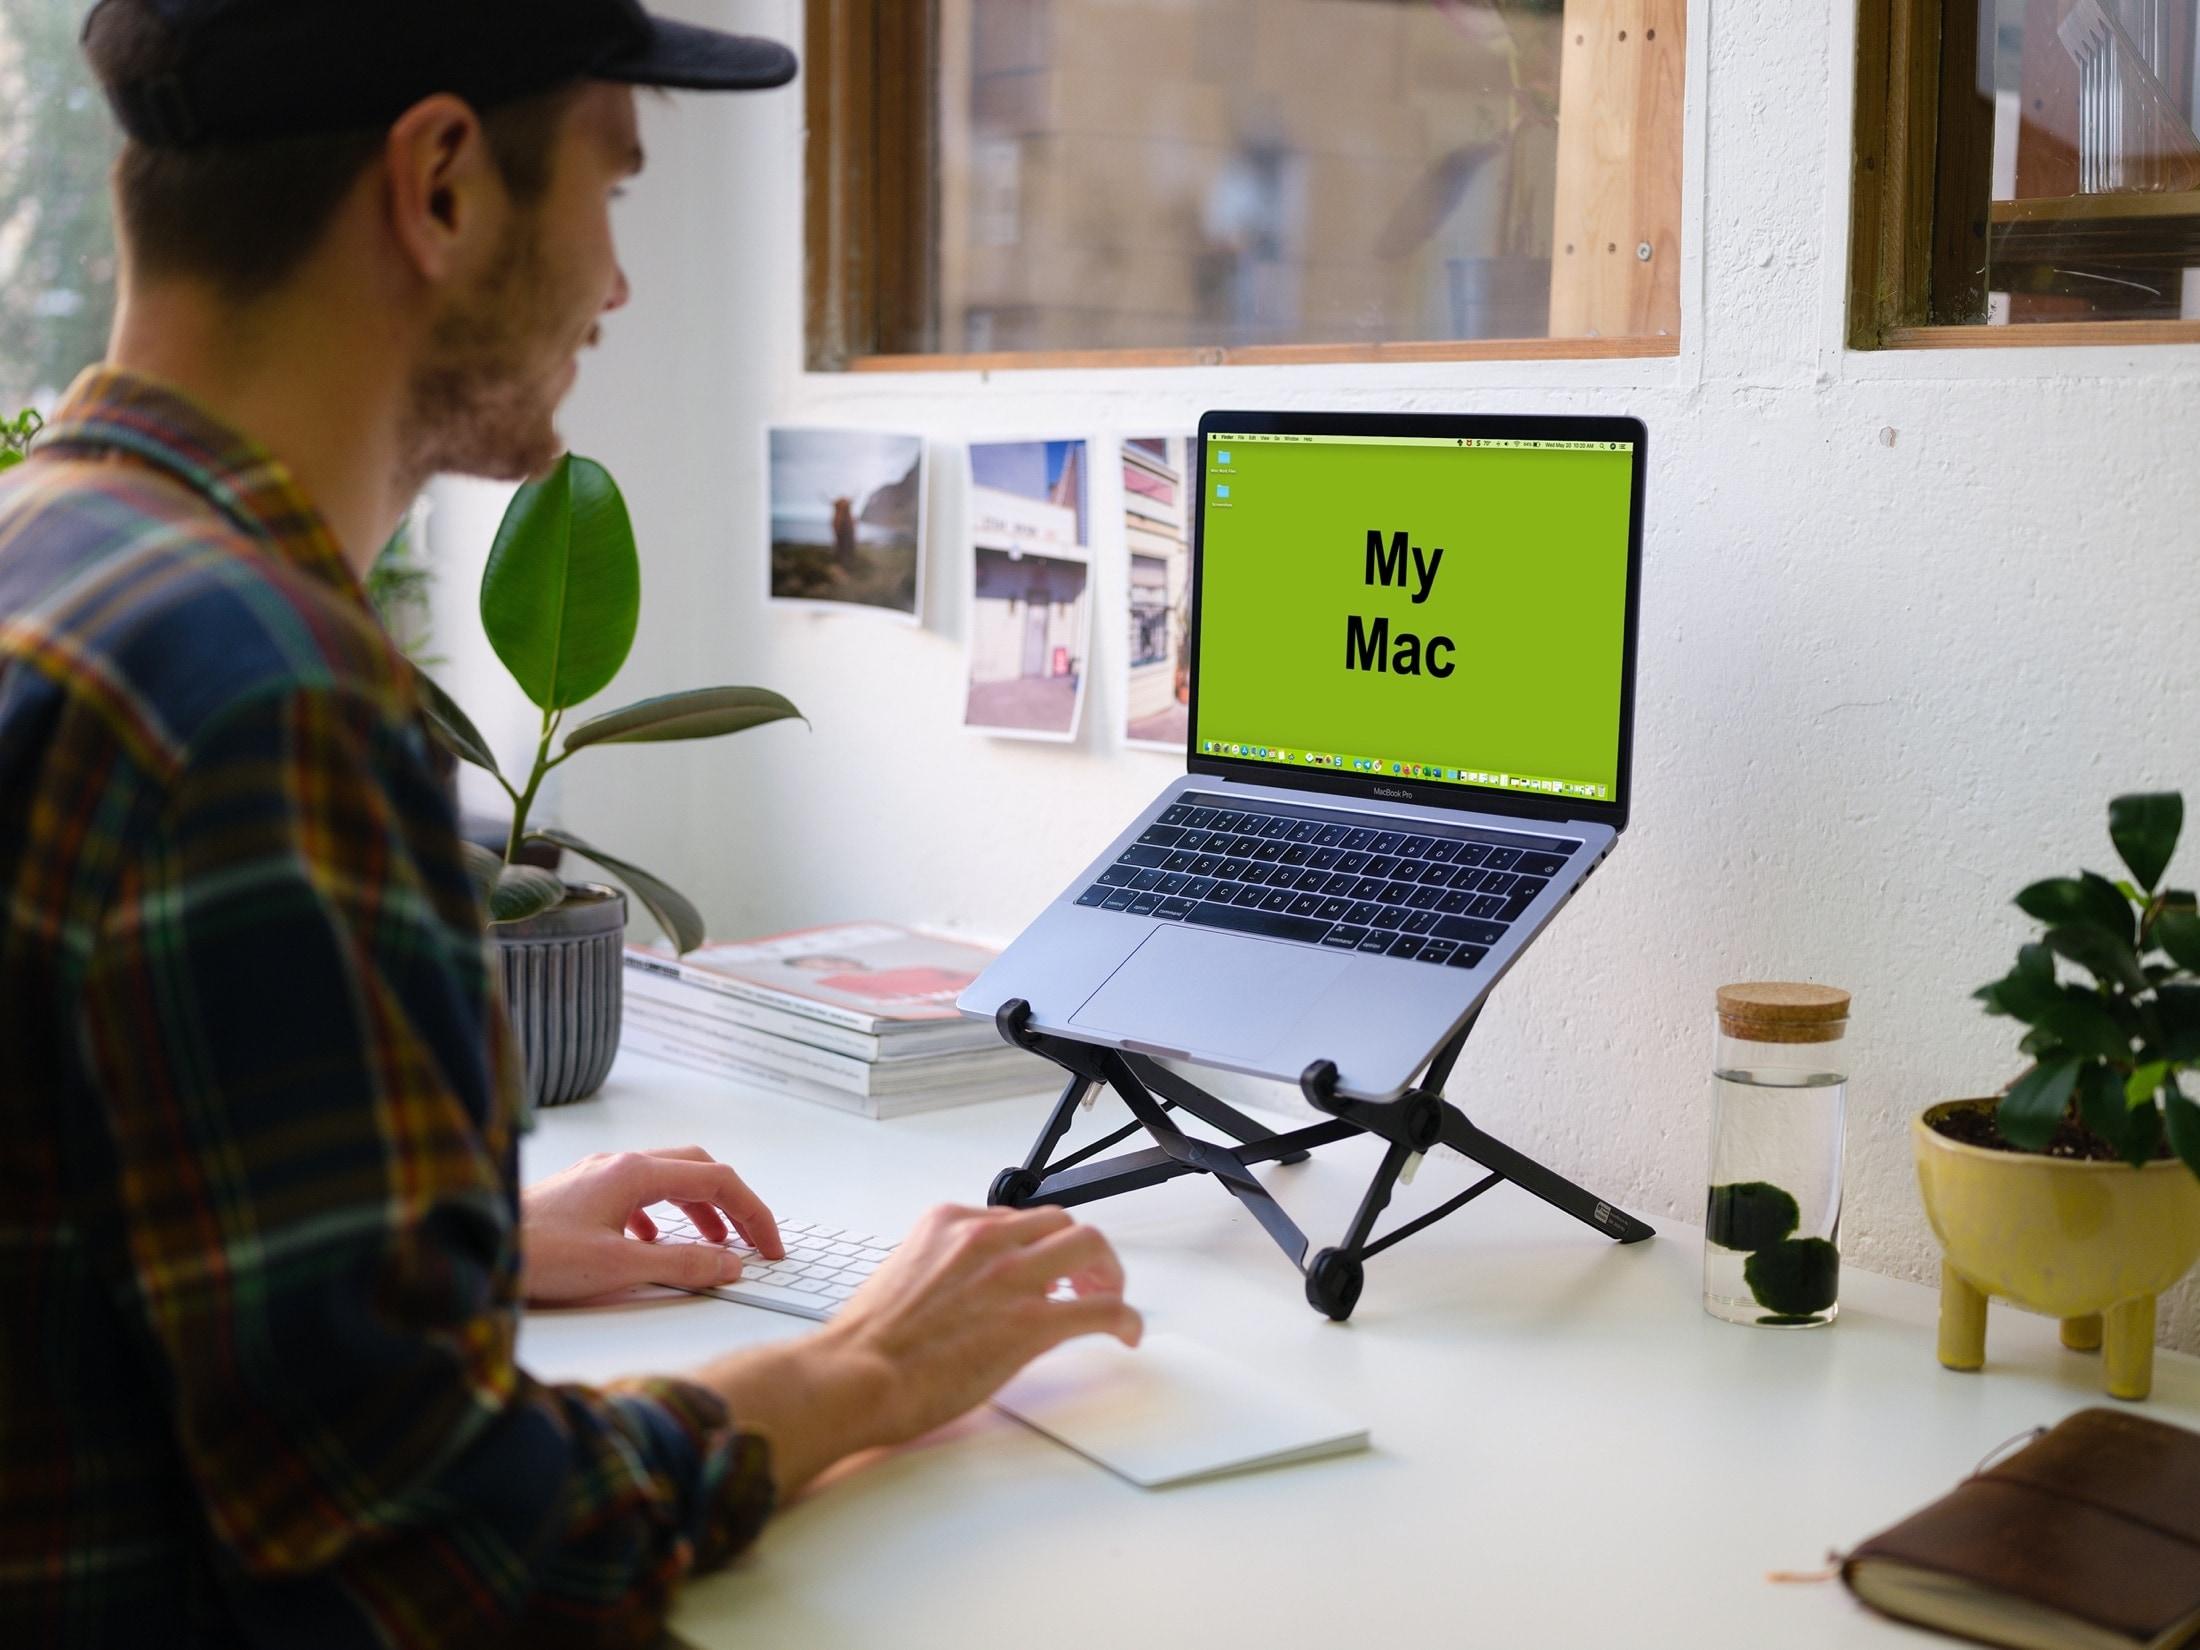 Personalize Mac - MacBook